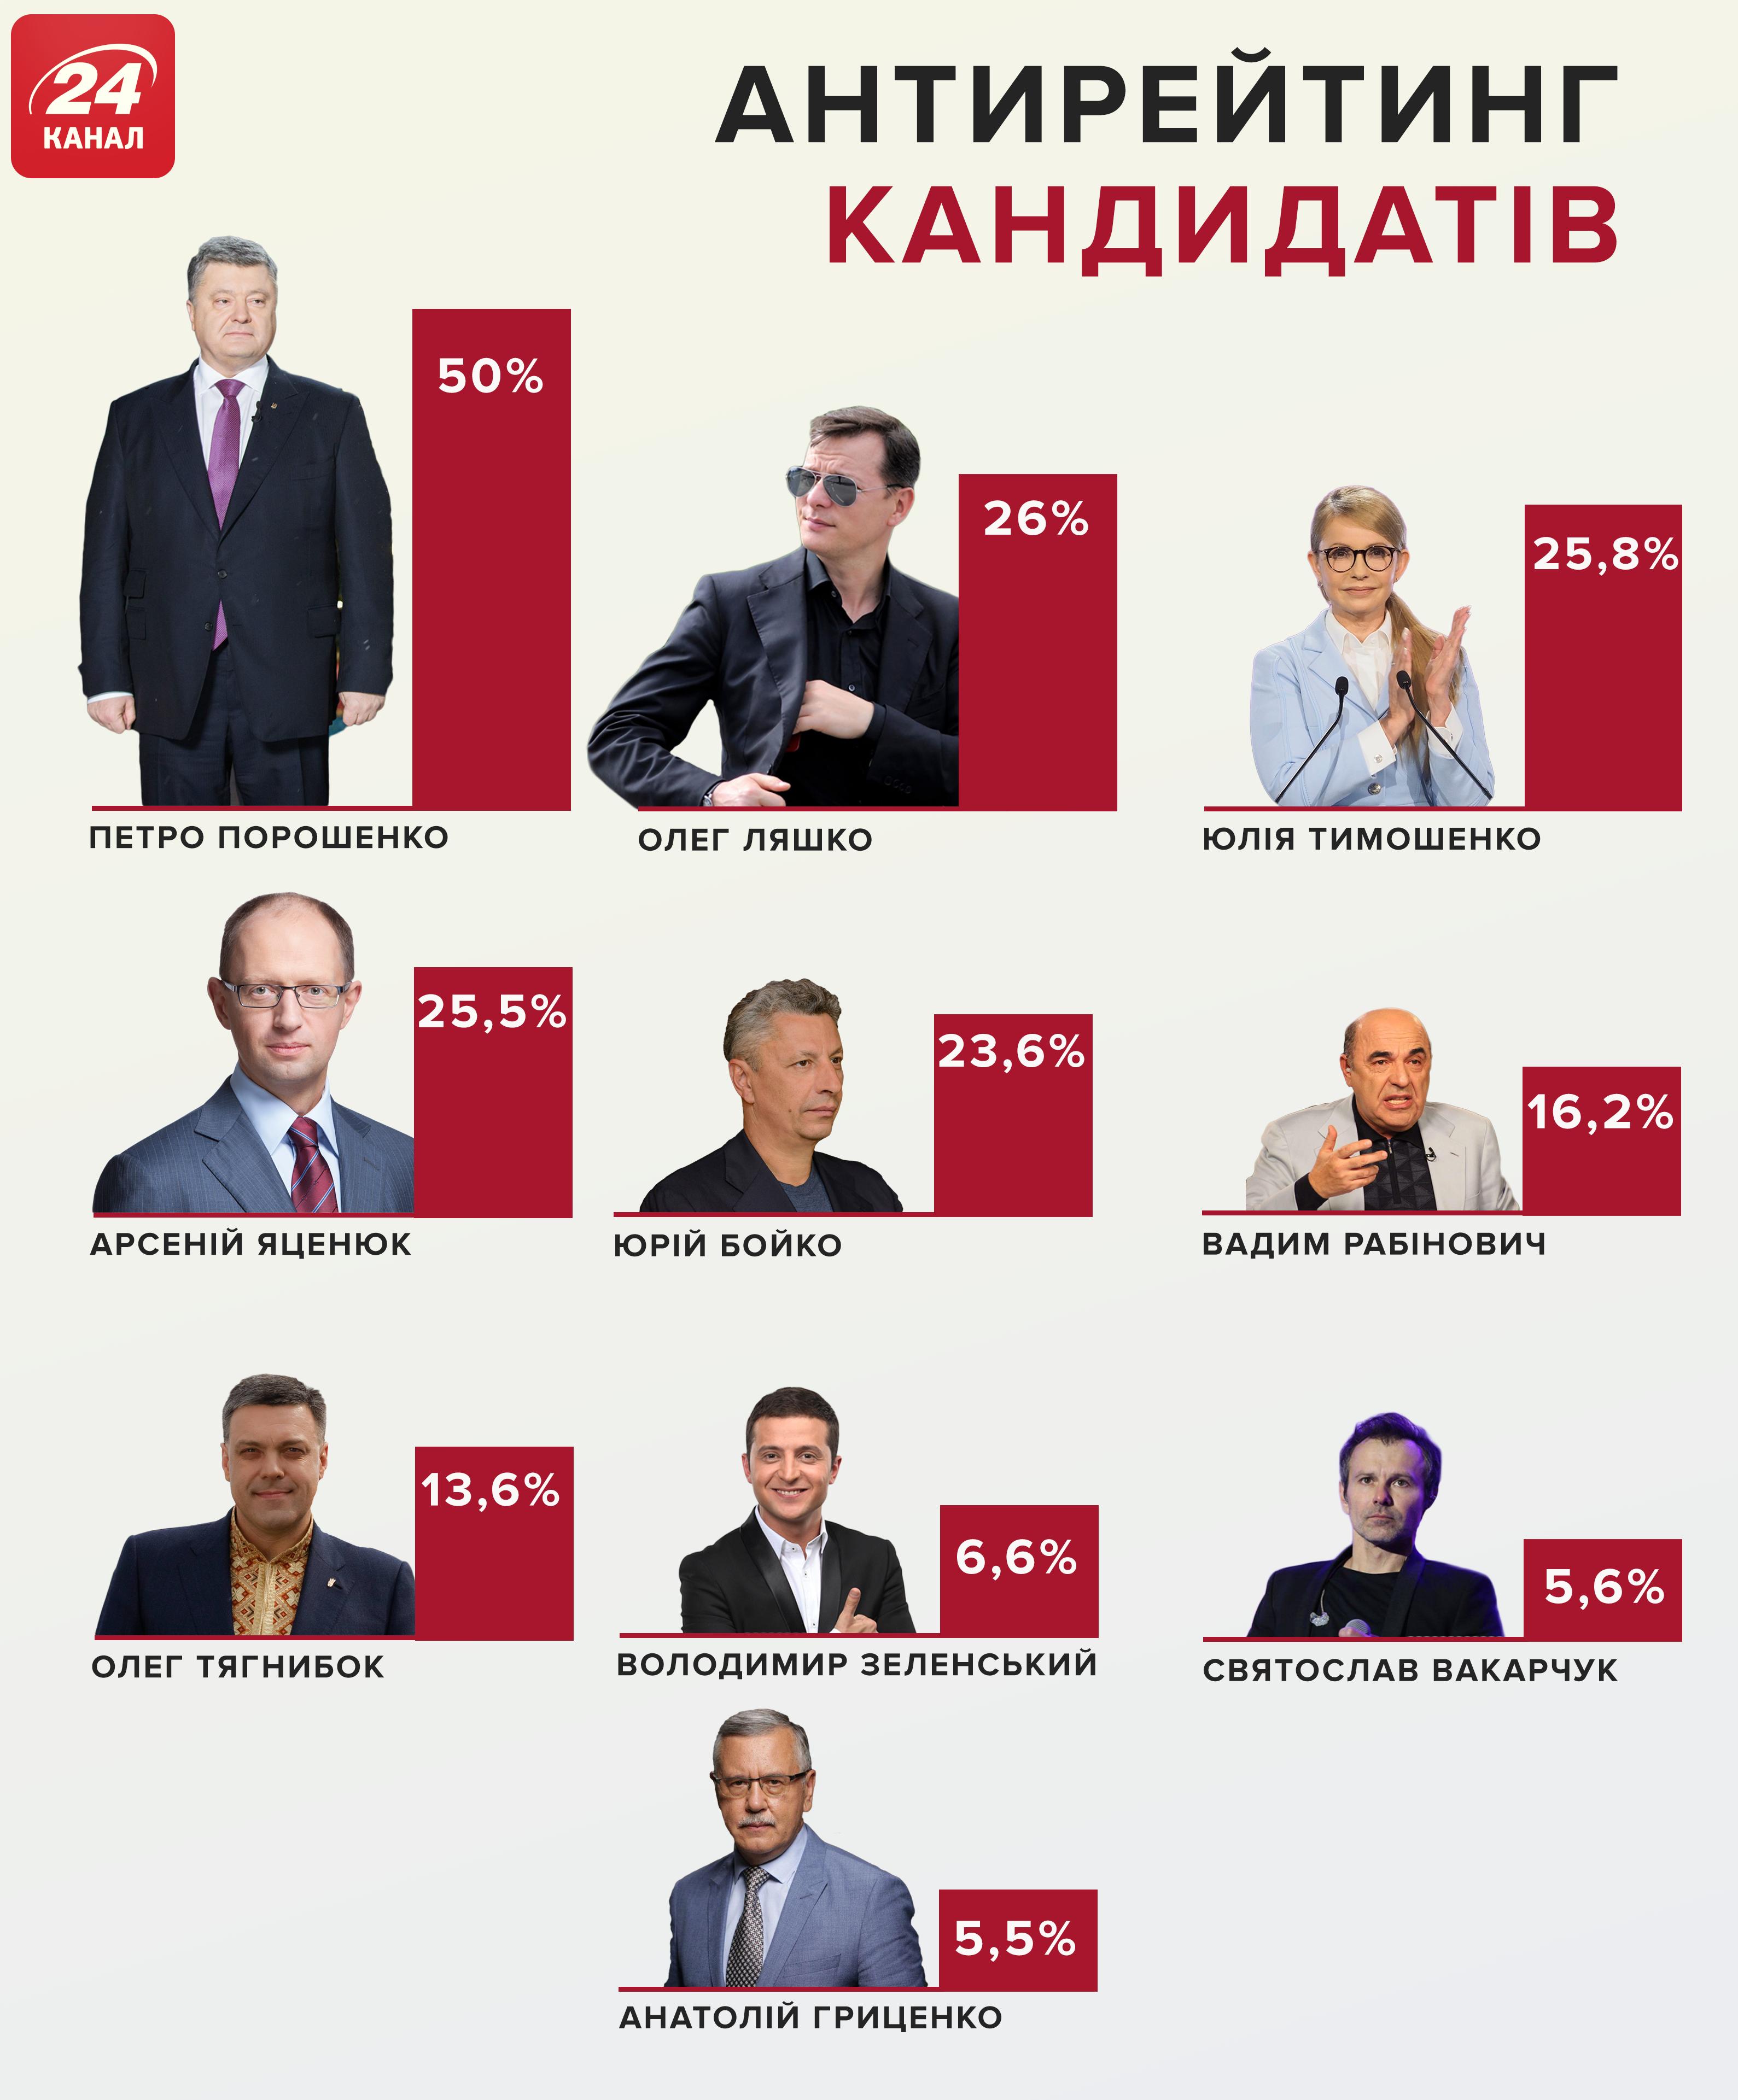 Рейтинг кандидатов в президенты сша 2019 [PUNIQRANDLINE-(au-dating-names.txt) 24